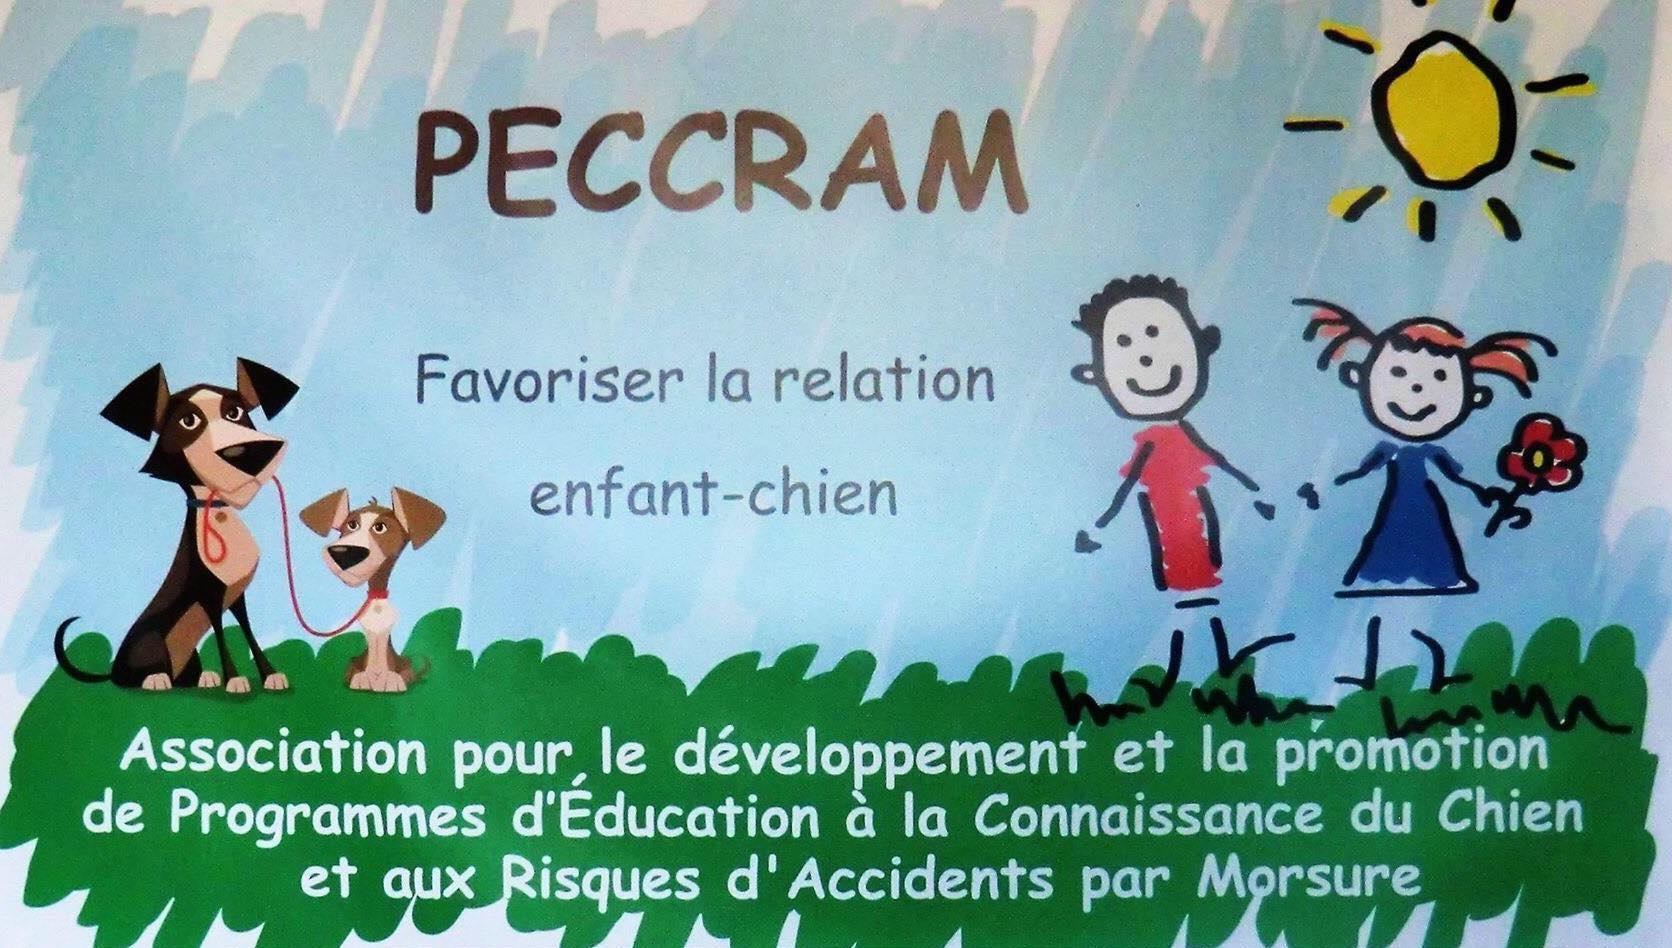 Peccram